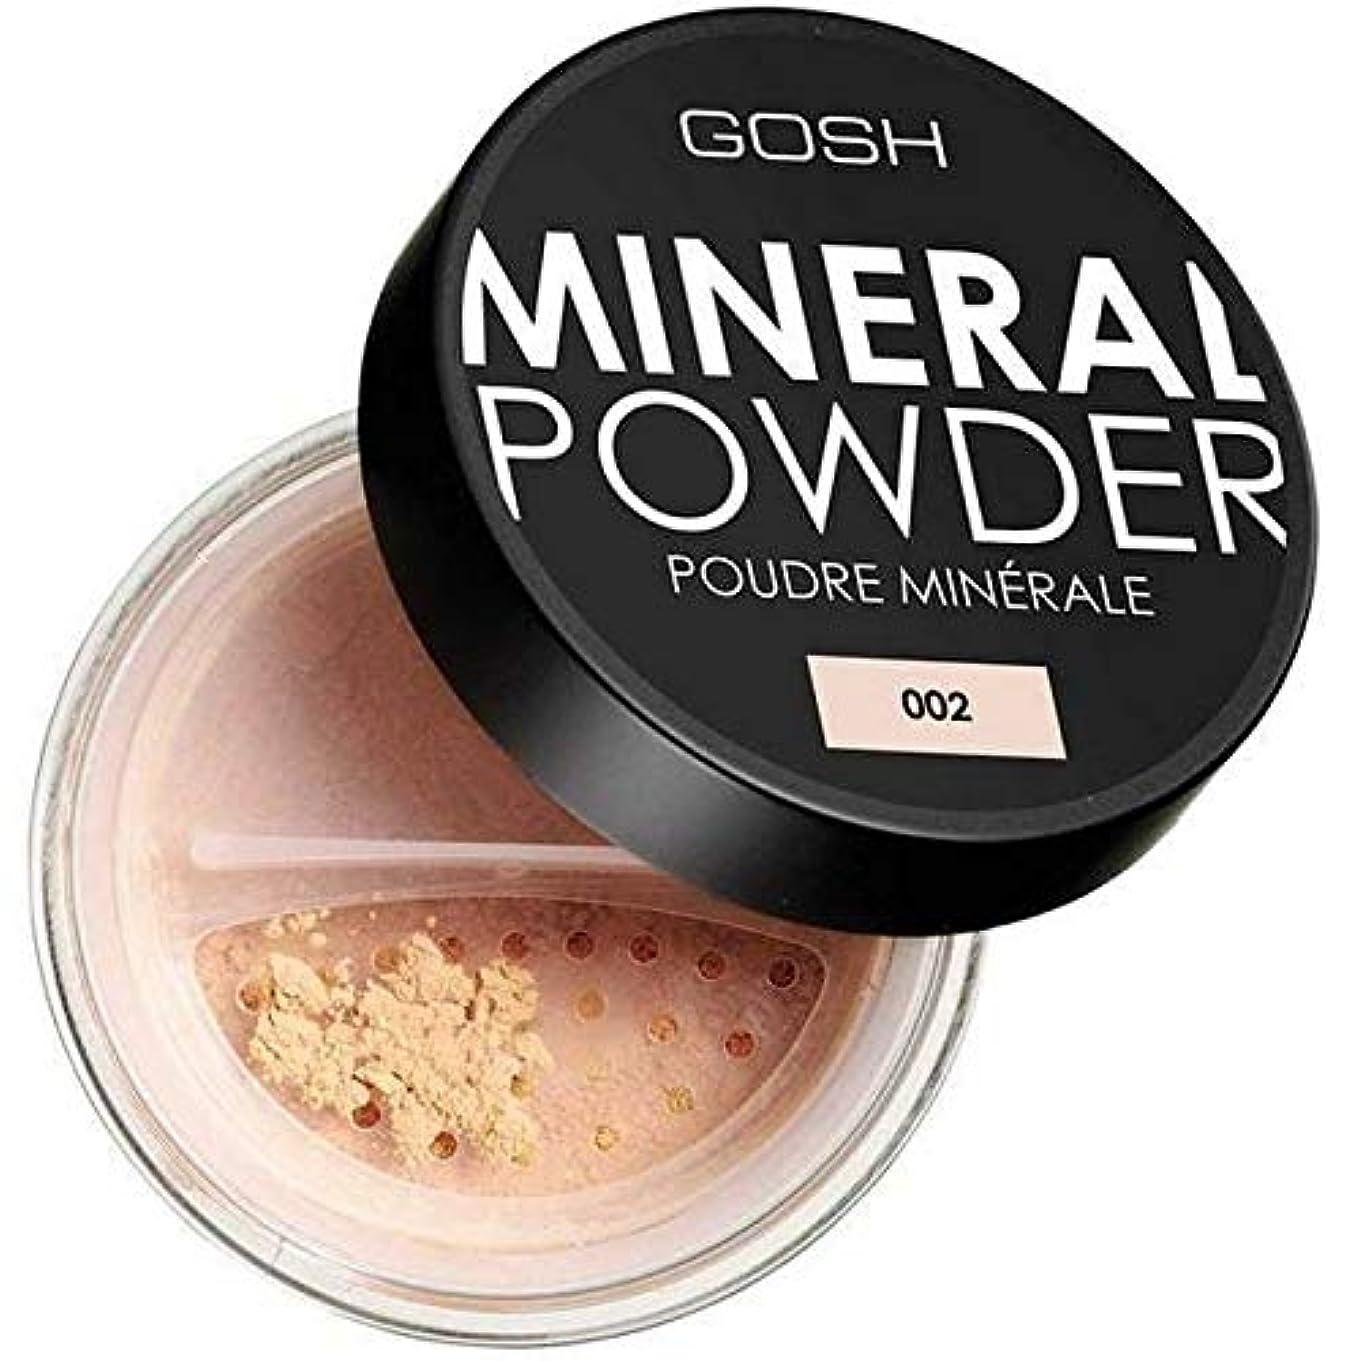 サイレンディスパッチ修正[GOSH ] おやっミネラルフルカバーファンデーションパウダーアイボリー002 - GOSH Mineral Full Coverage Foundation Powder Ivory 002 [並行輸入品]